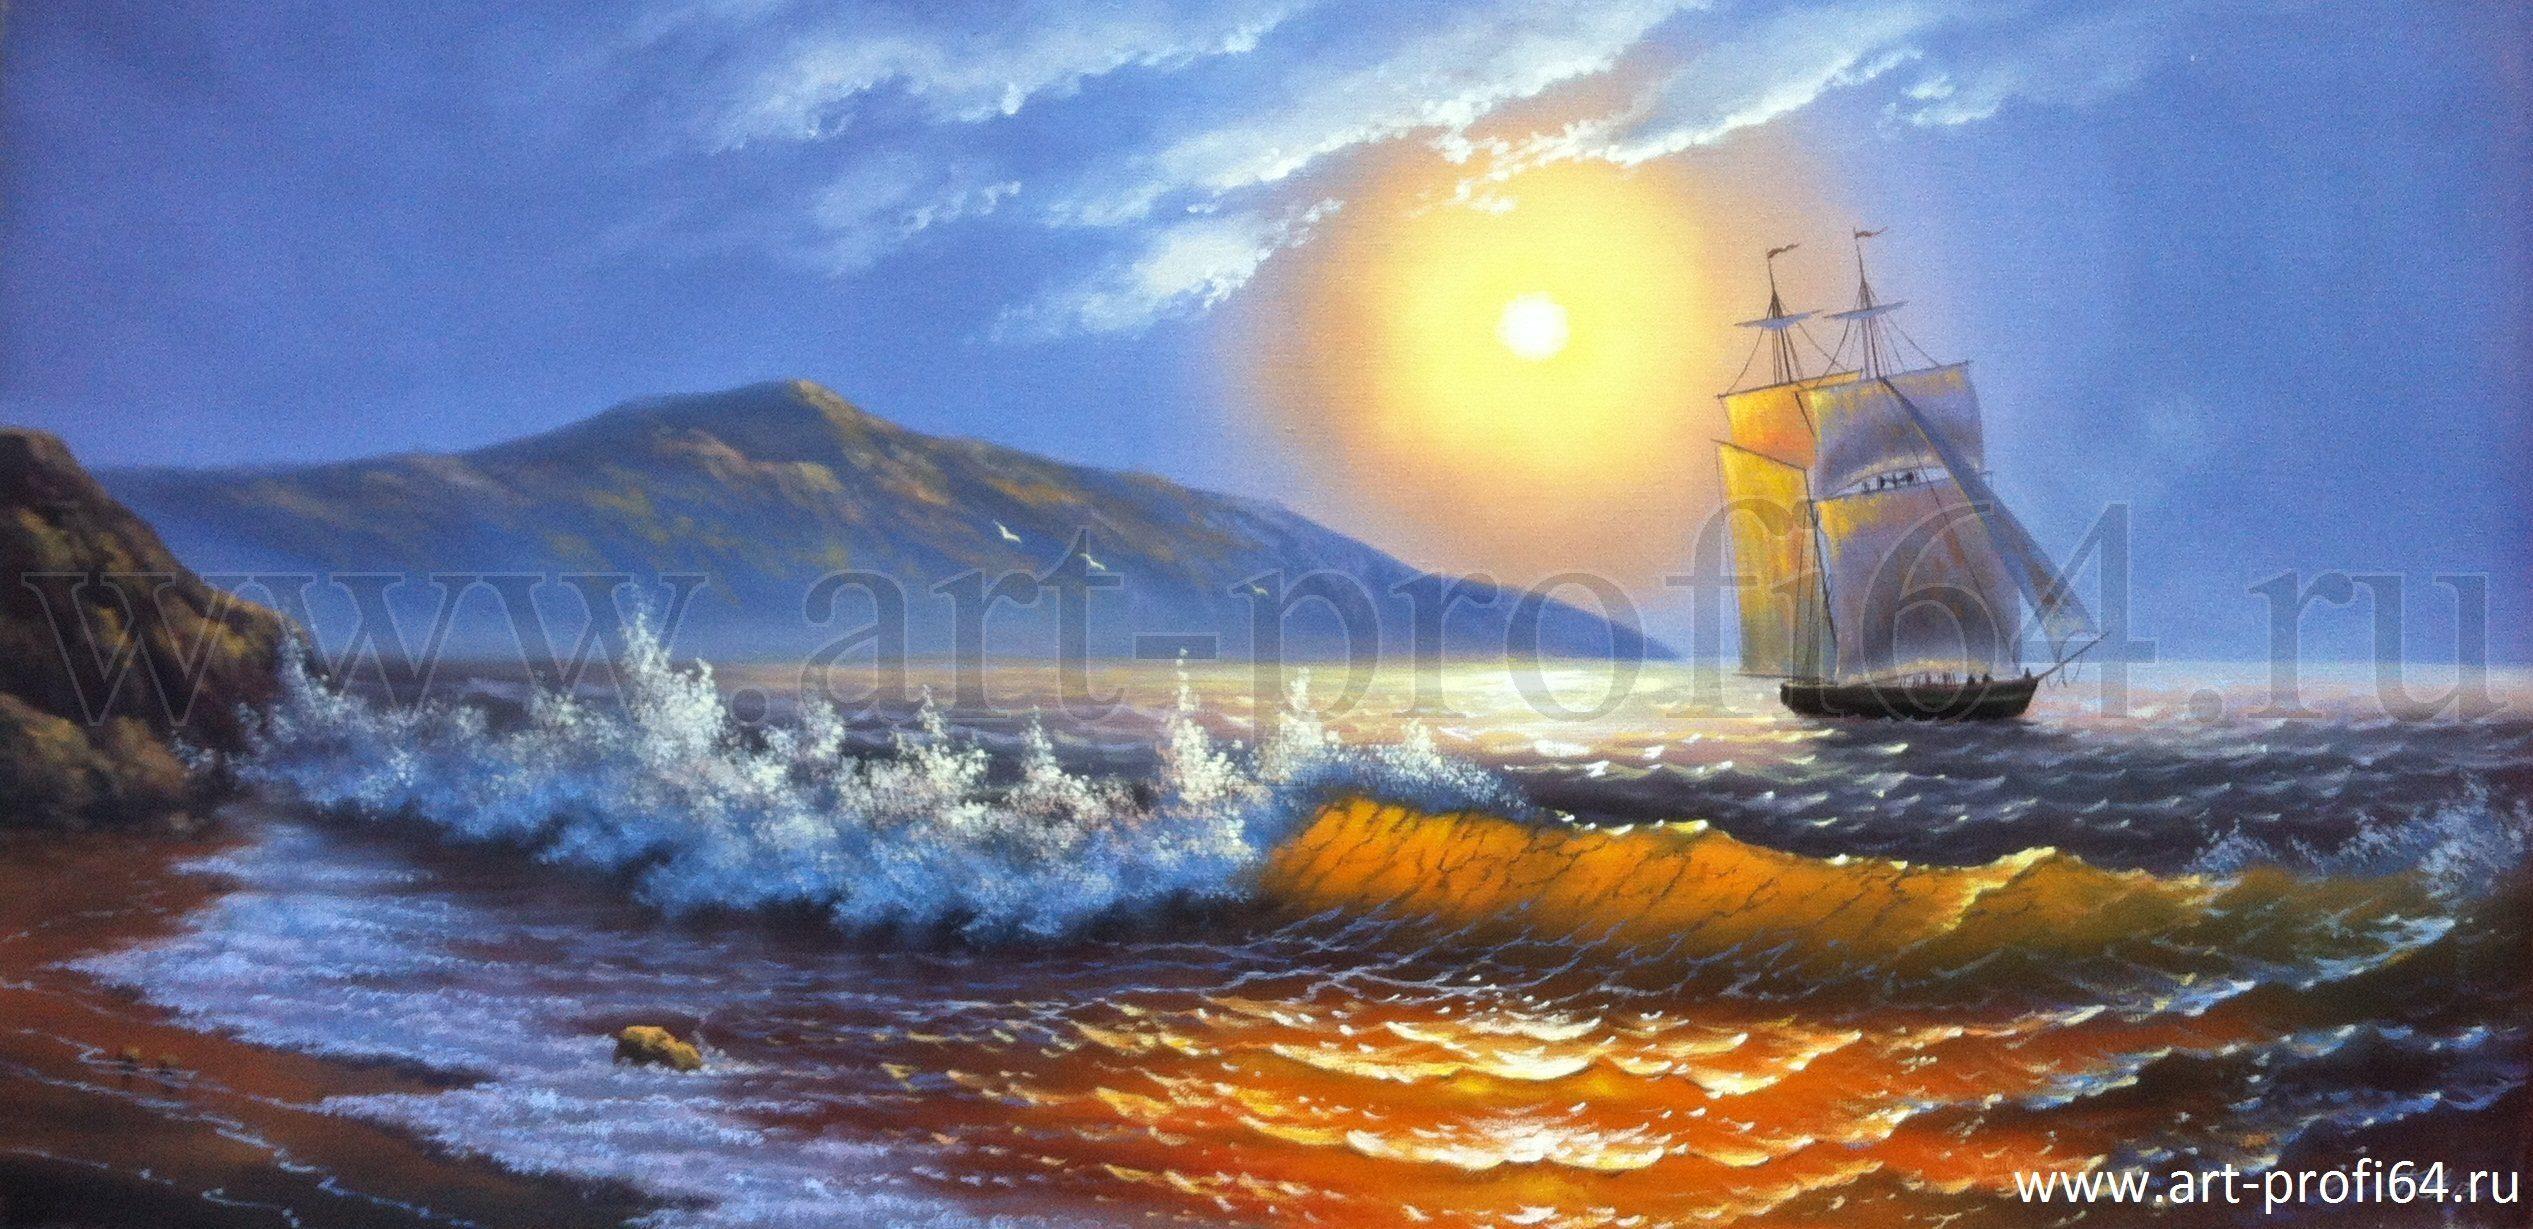 Пейзажи в картинках марины картины